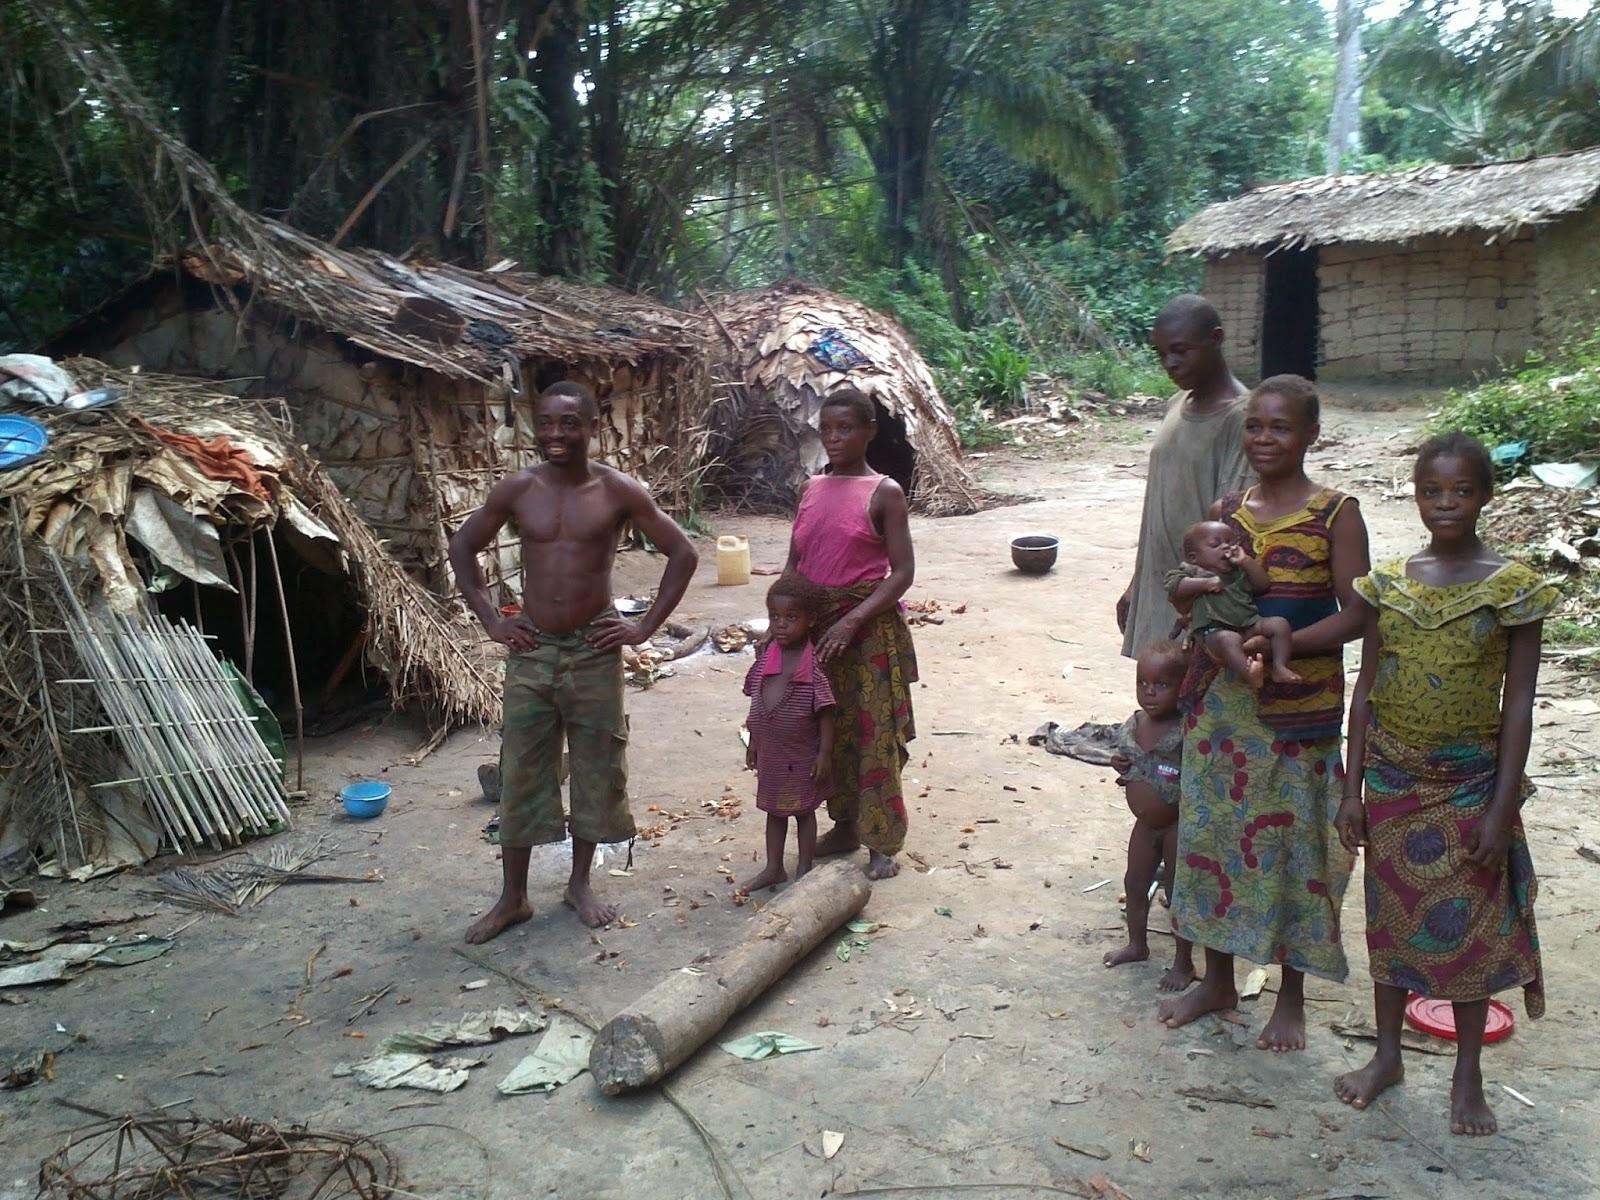 Likouala : Maître-Bantou exploiteur des autochtones